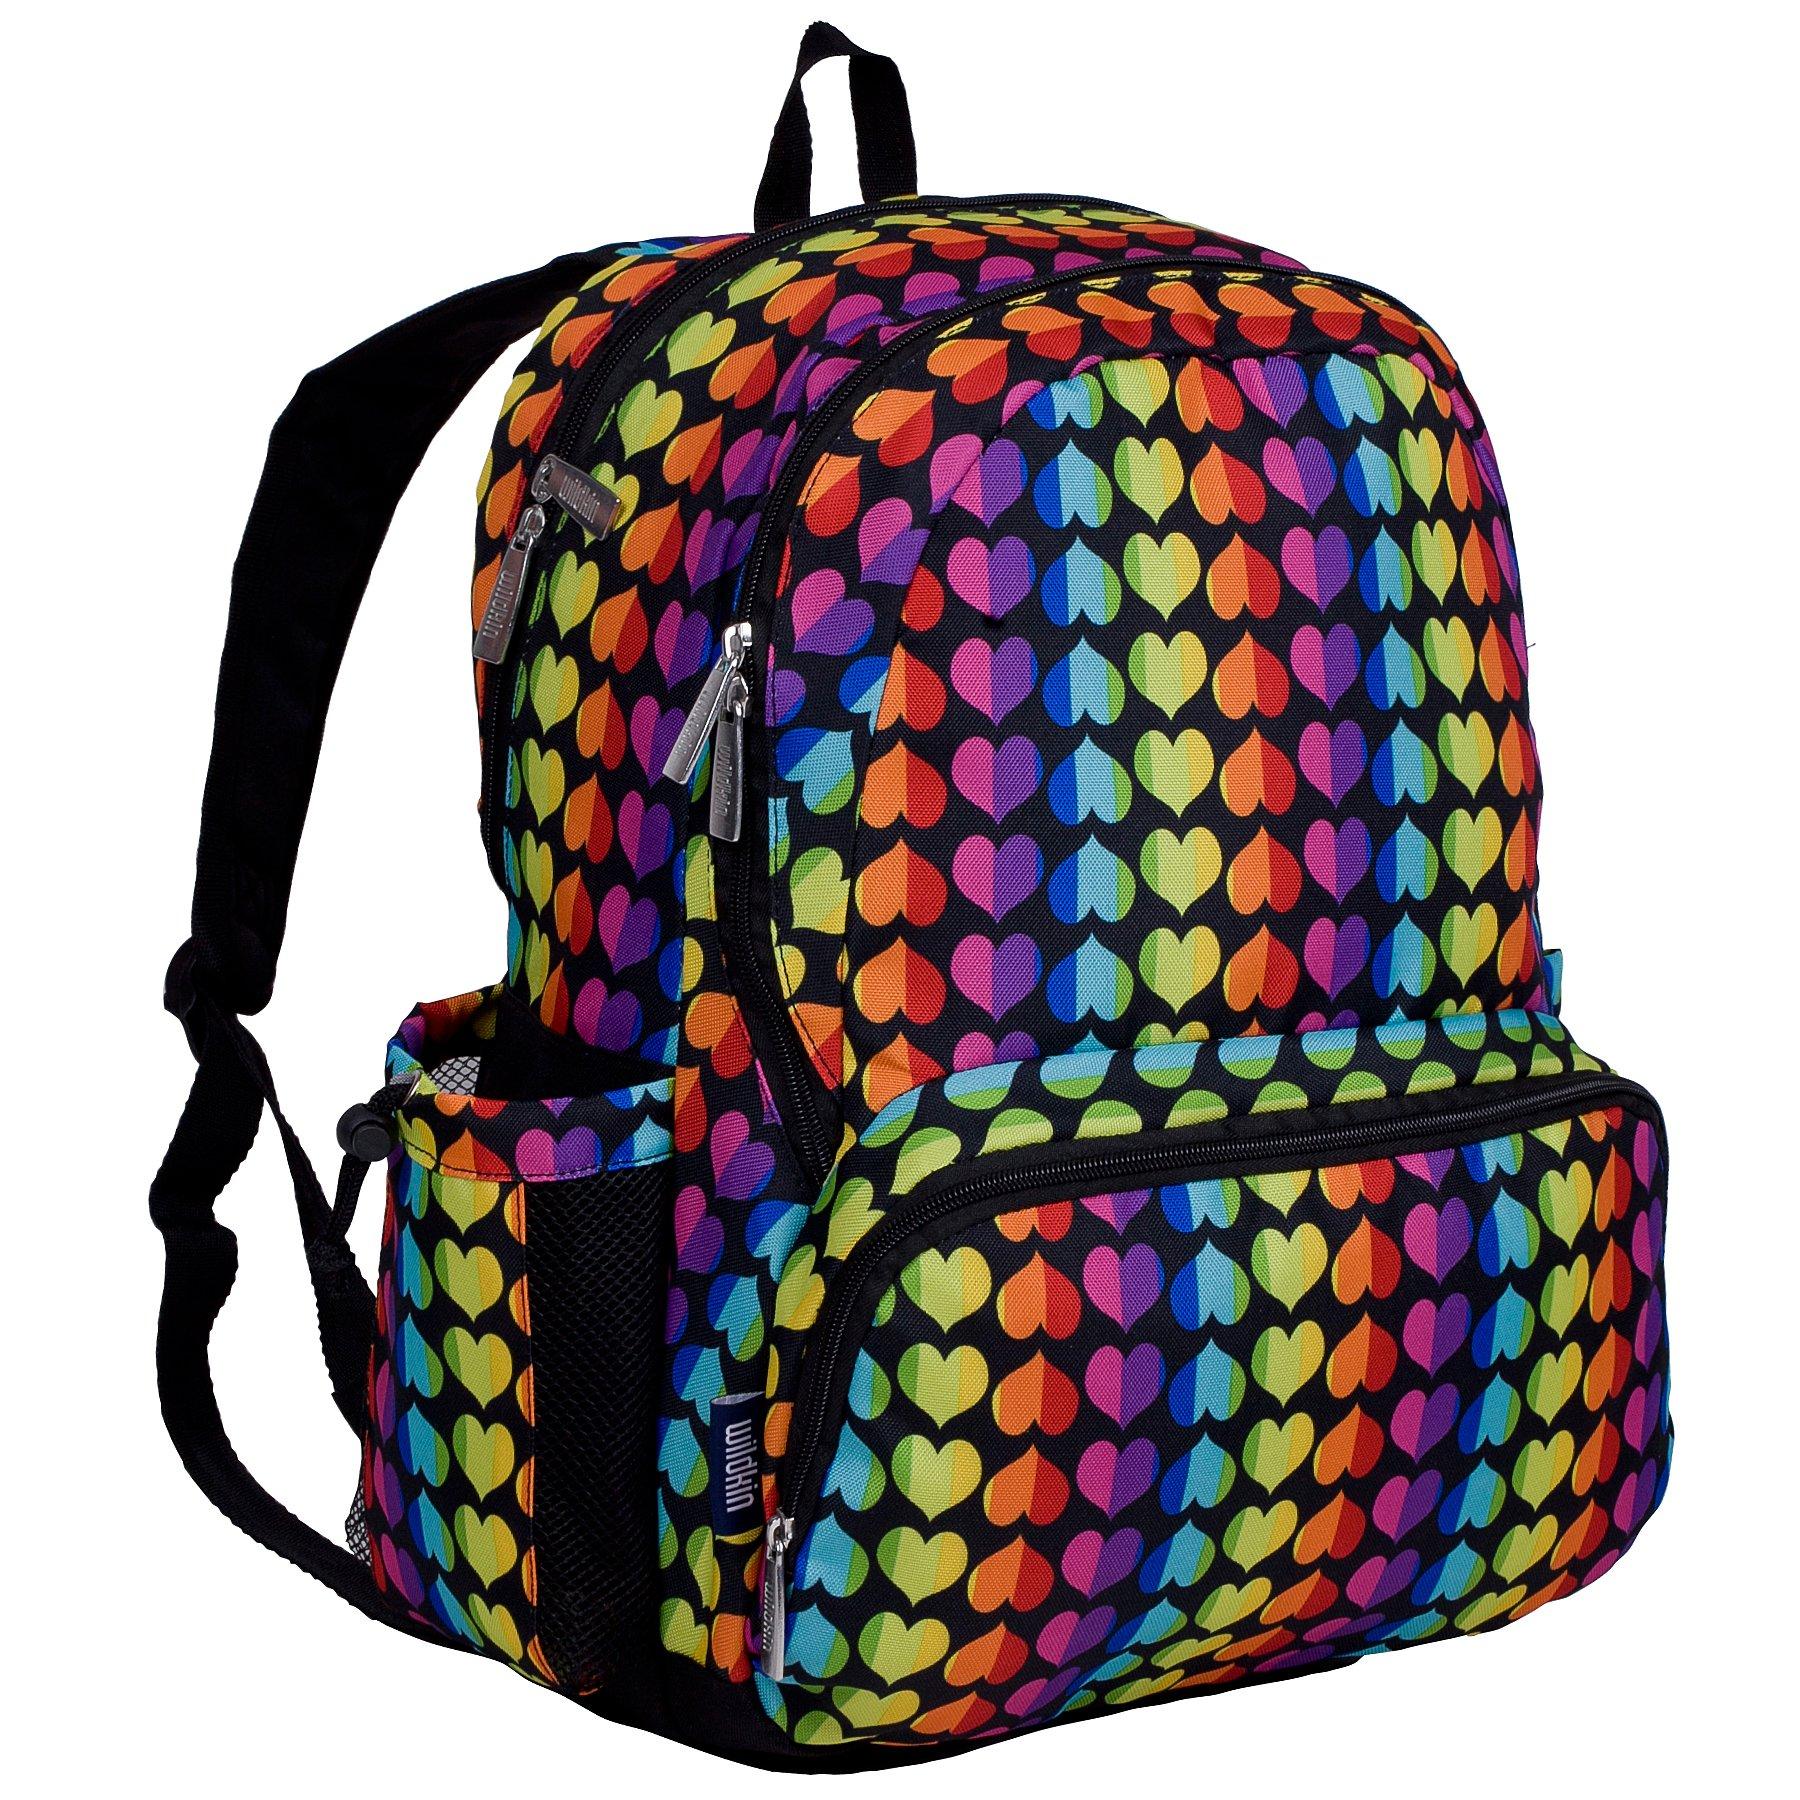 Wildkin 17 Inch Backpack, Rainbow Hearts